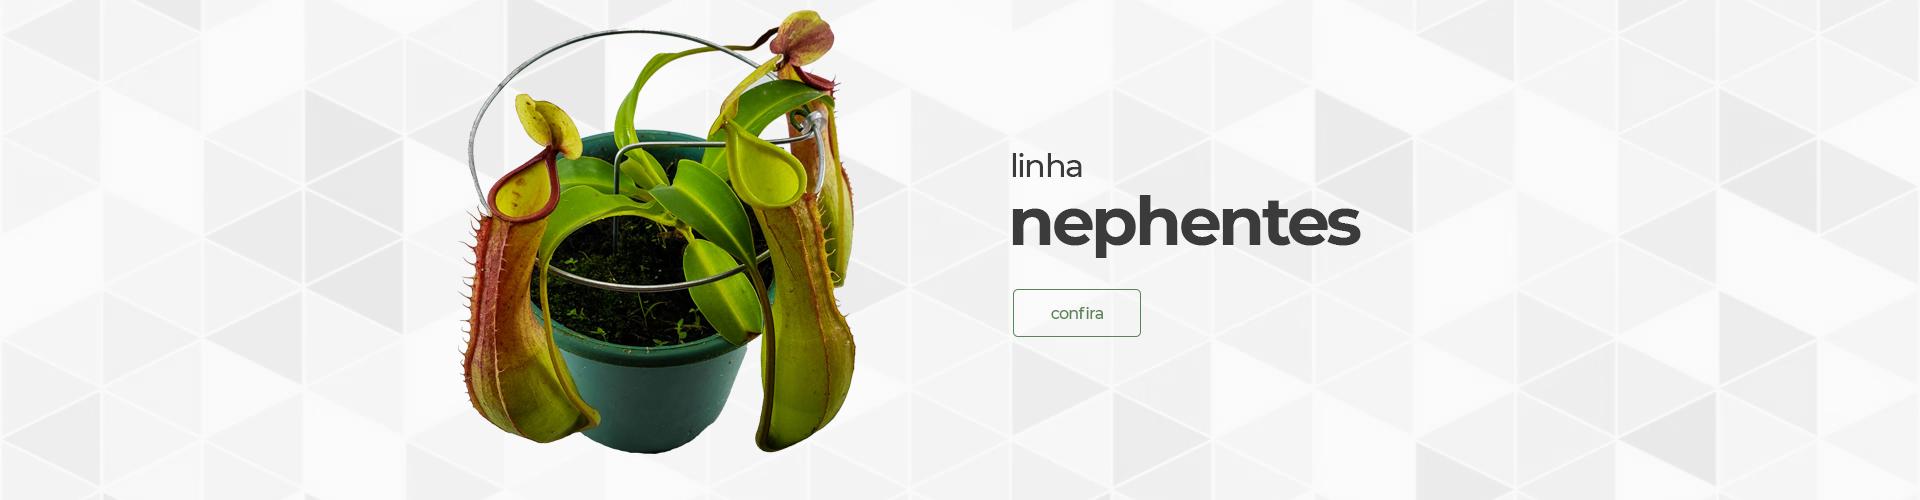 Nephentes